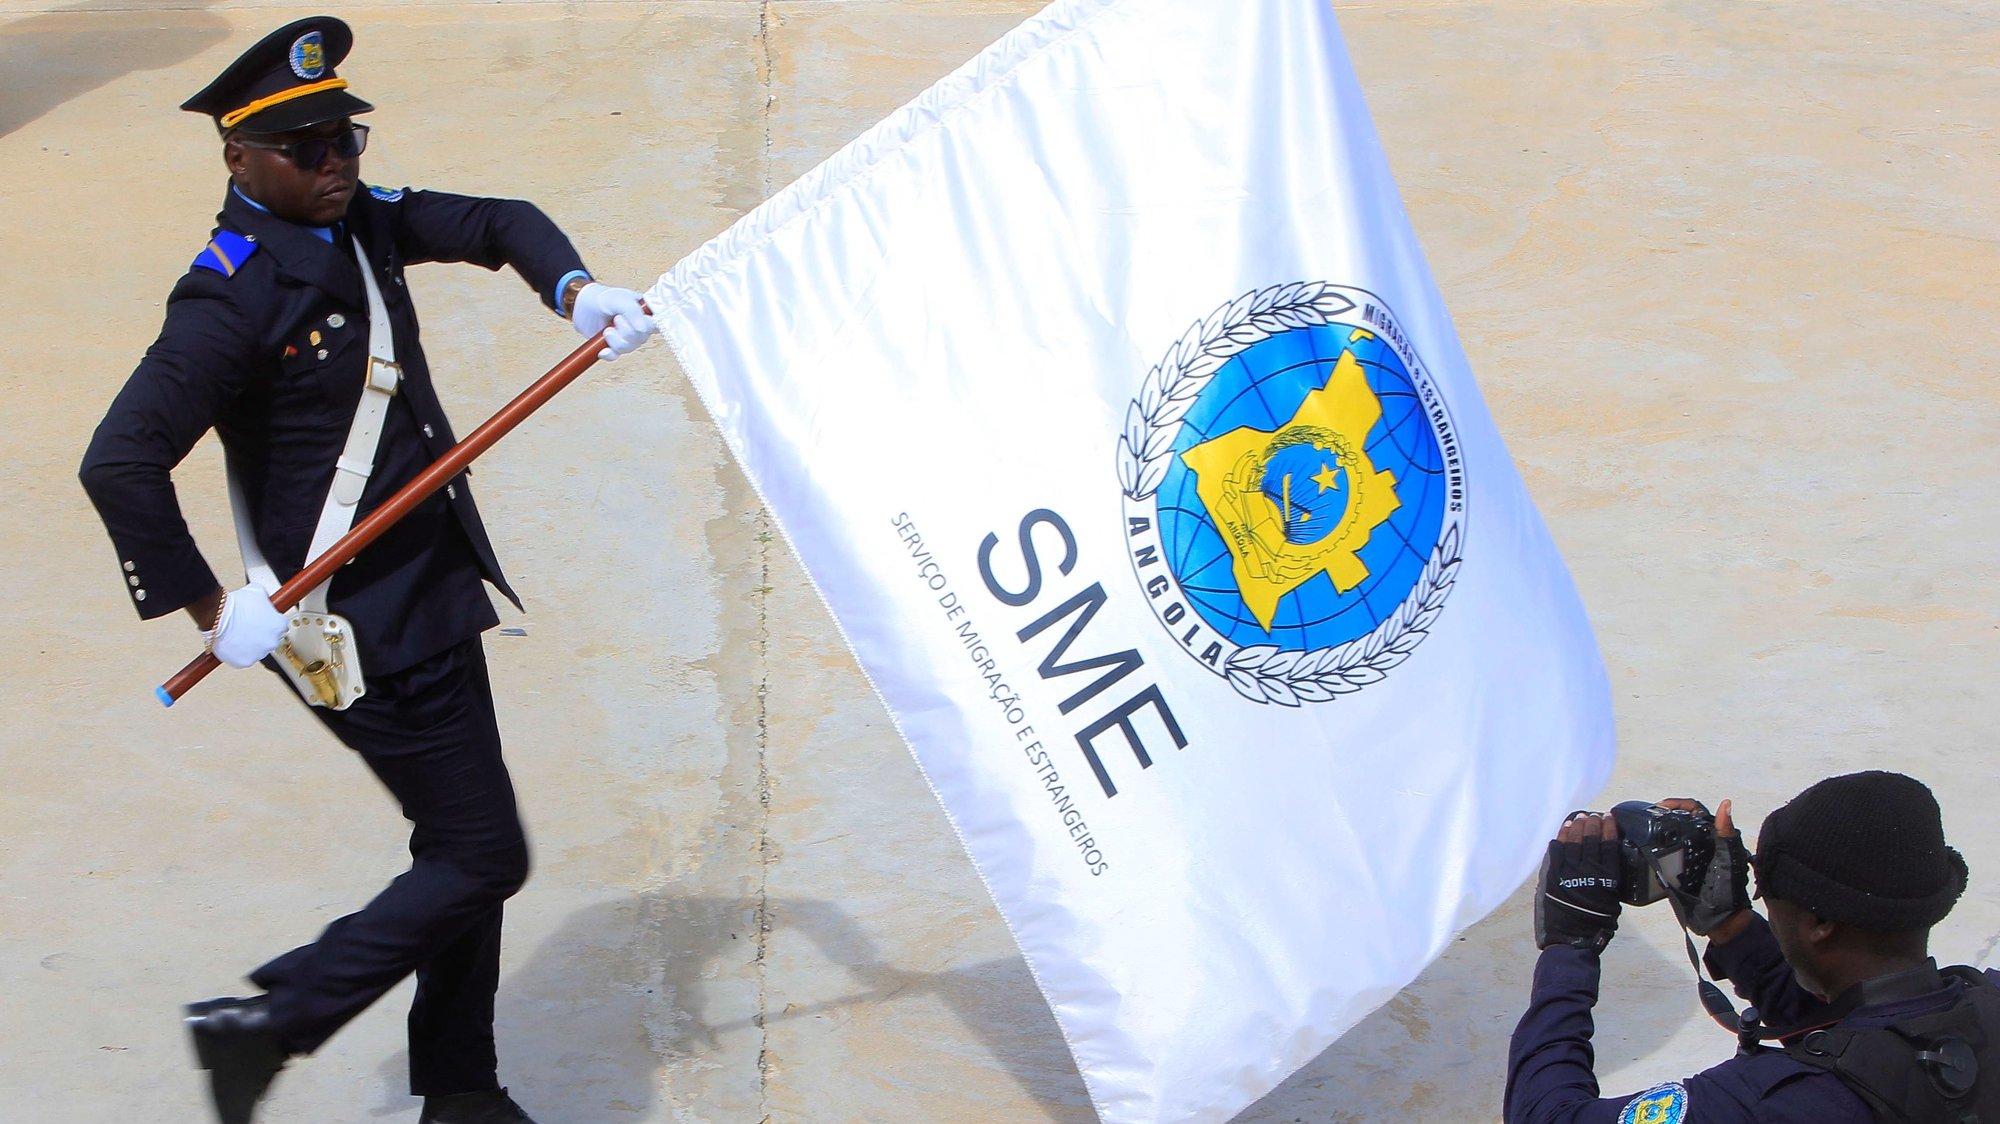 """Cerimonia do 43.º aniversário do Serviço de Migração e Estrangeiros (SME) """"SME – Rumo à Excelência no Controlo Migratório"""", cerimónia  presidida pelo ministro do Interior angolano, Ângelo Veiga Tavares, com desfile das Forças em Parada, inauguração da Escola de Migração e várias outras atividades, 18 abril 2019. AMPE ROGERIO / LUSA"""